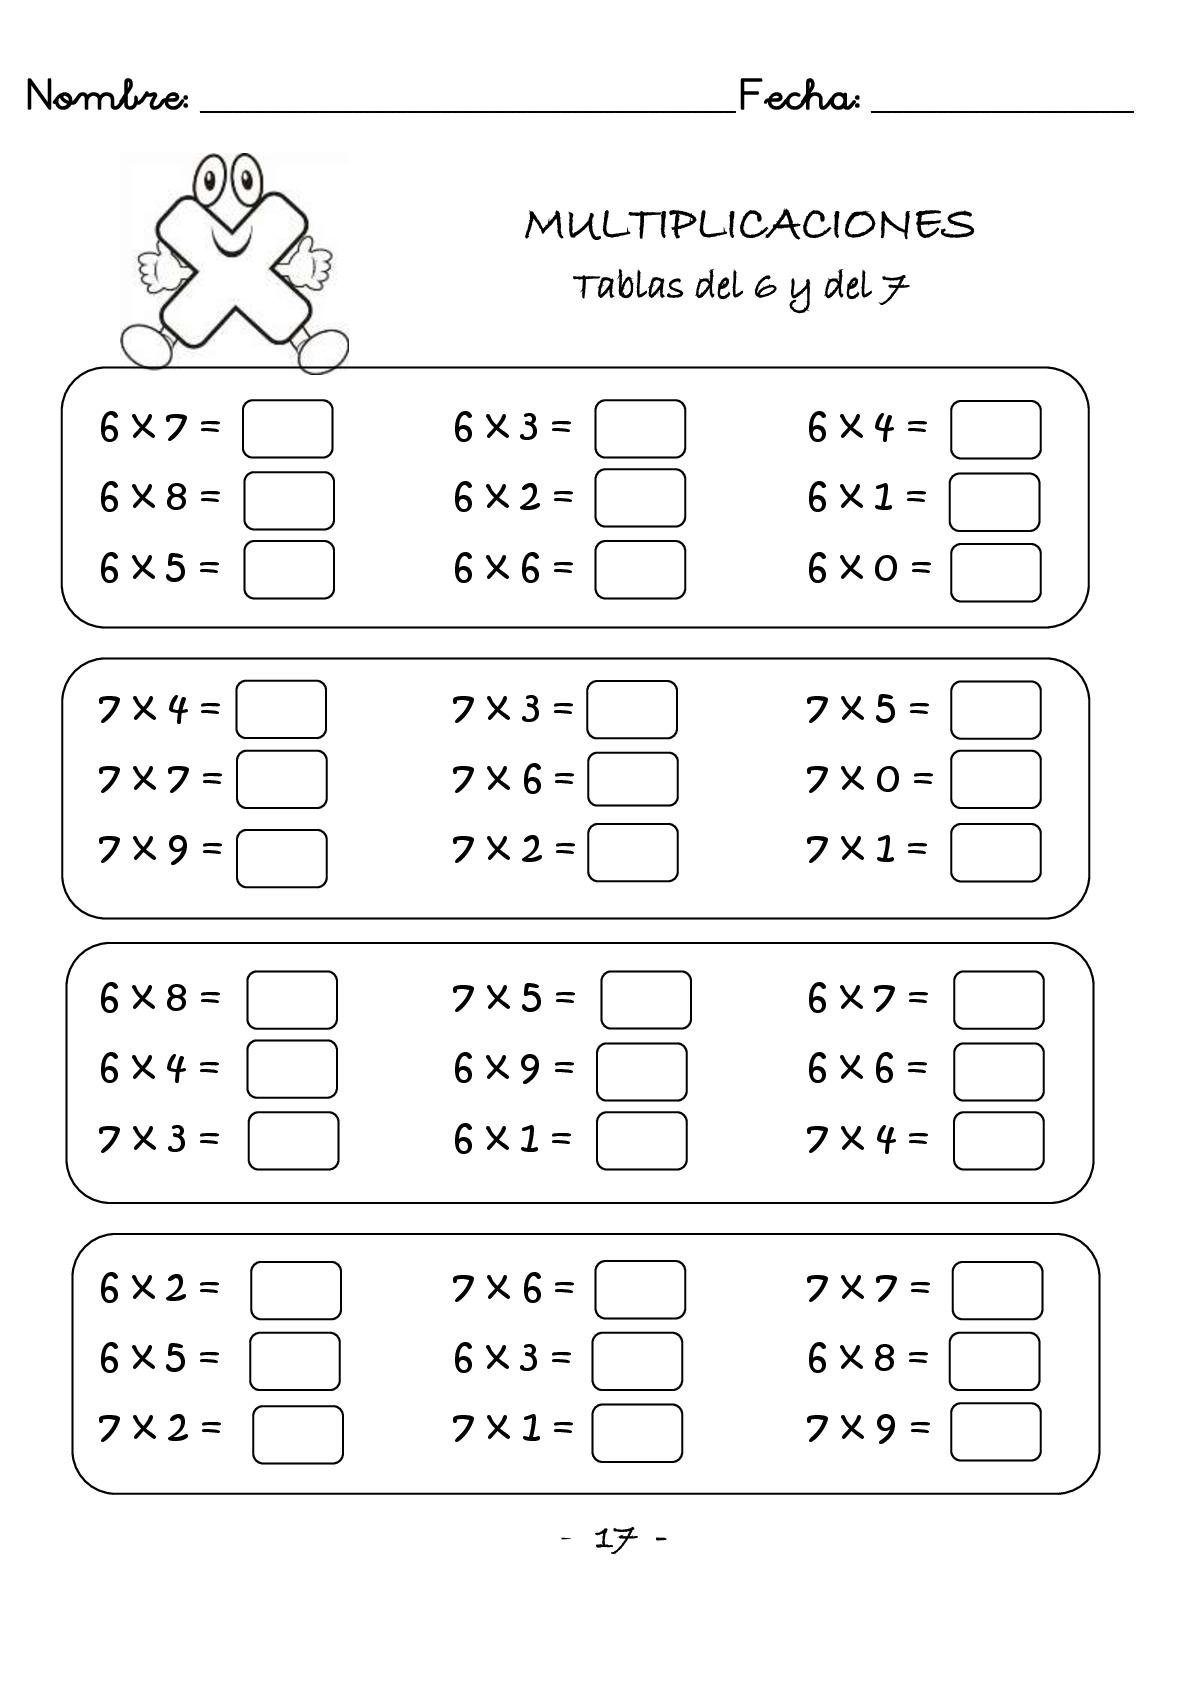 multiplicaciones-rapidas-una-cifra-protegido-018